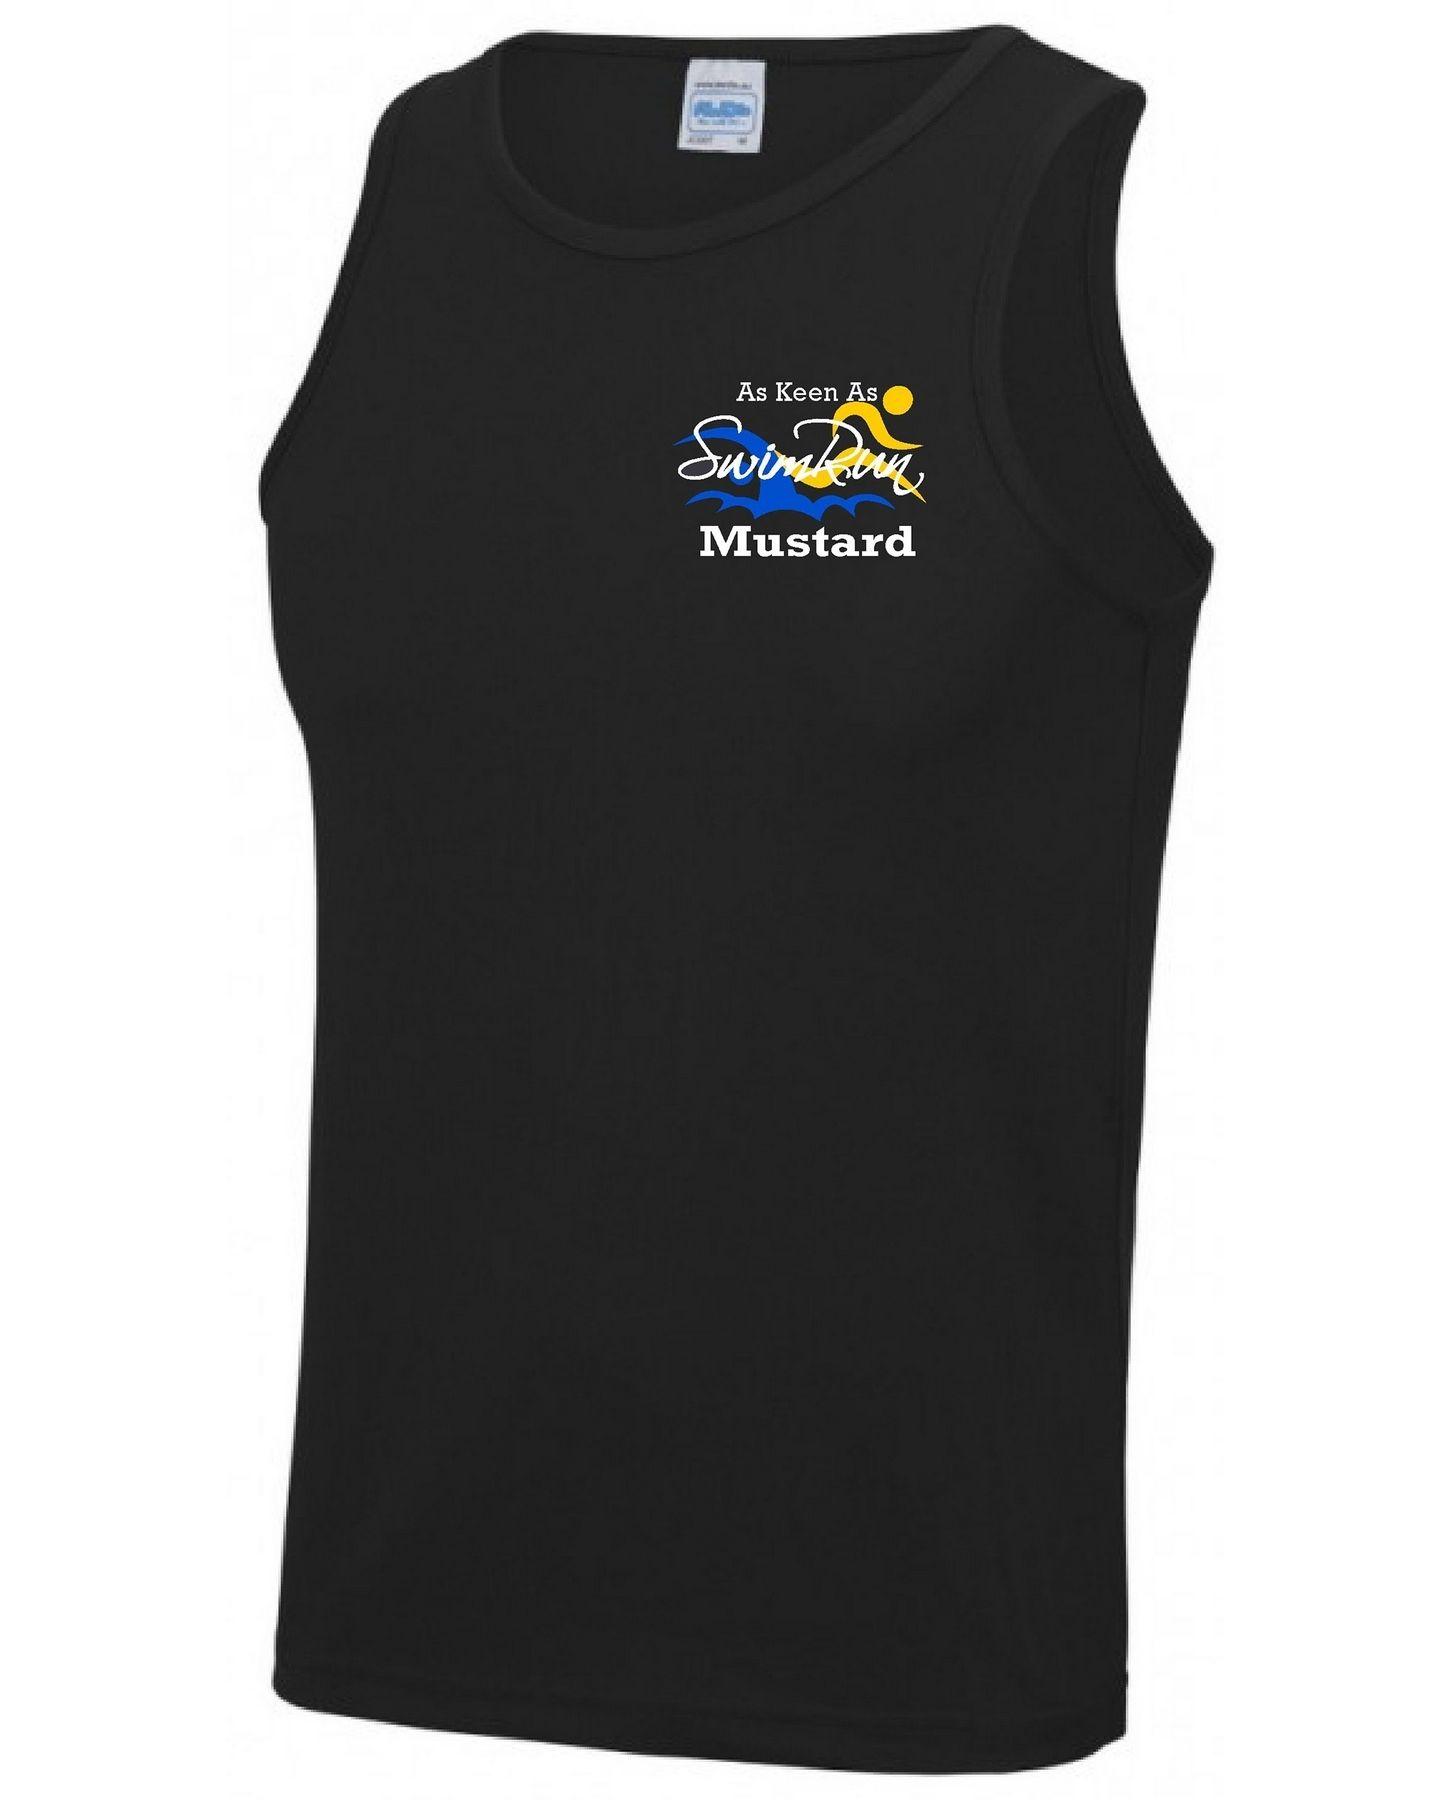 As Keen As Mustard – Sports Vest (Unisex)